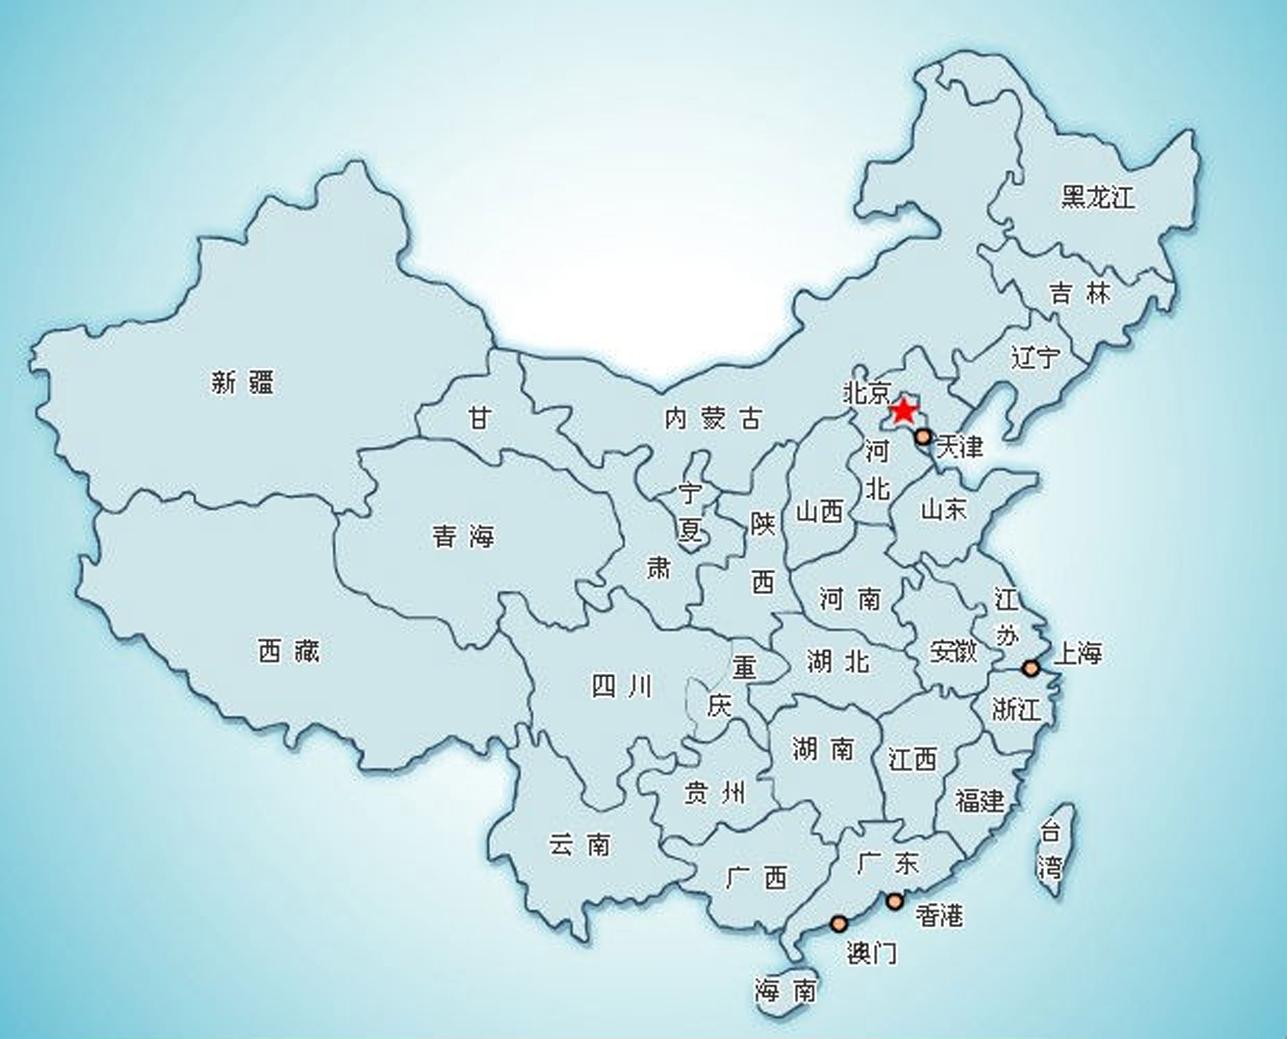 郑州武汉地图_求一幅中国地图,把北京、天津、郑州、青岛、上海、杭州 ...